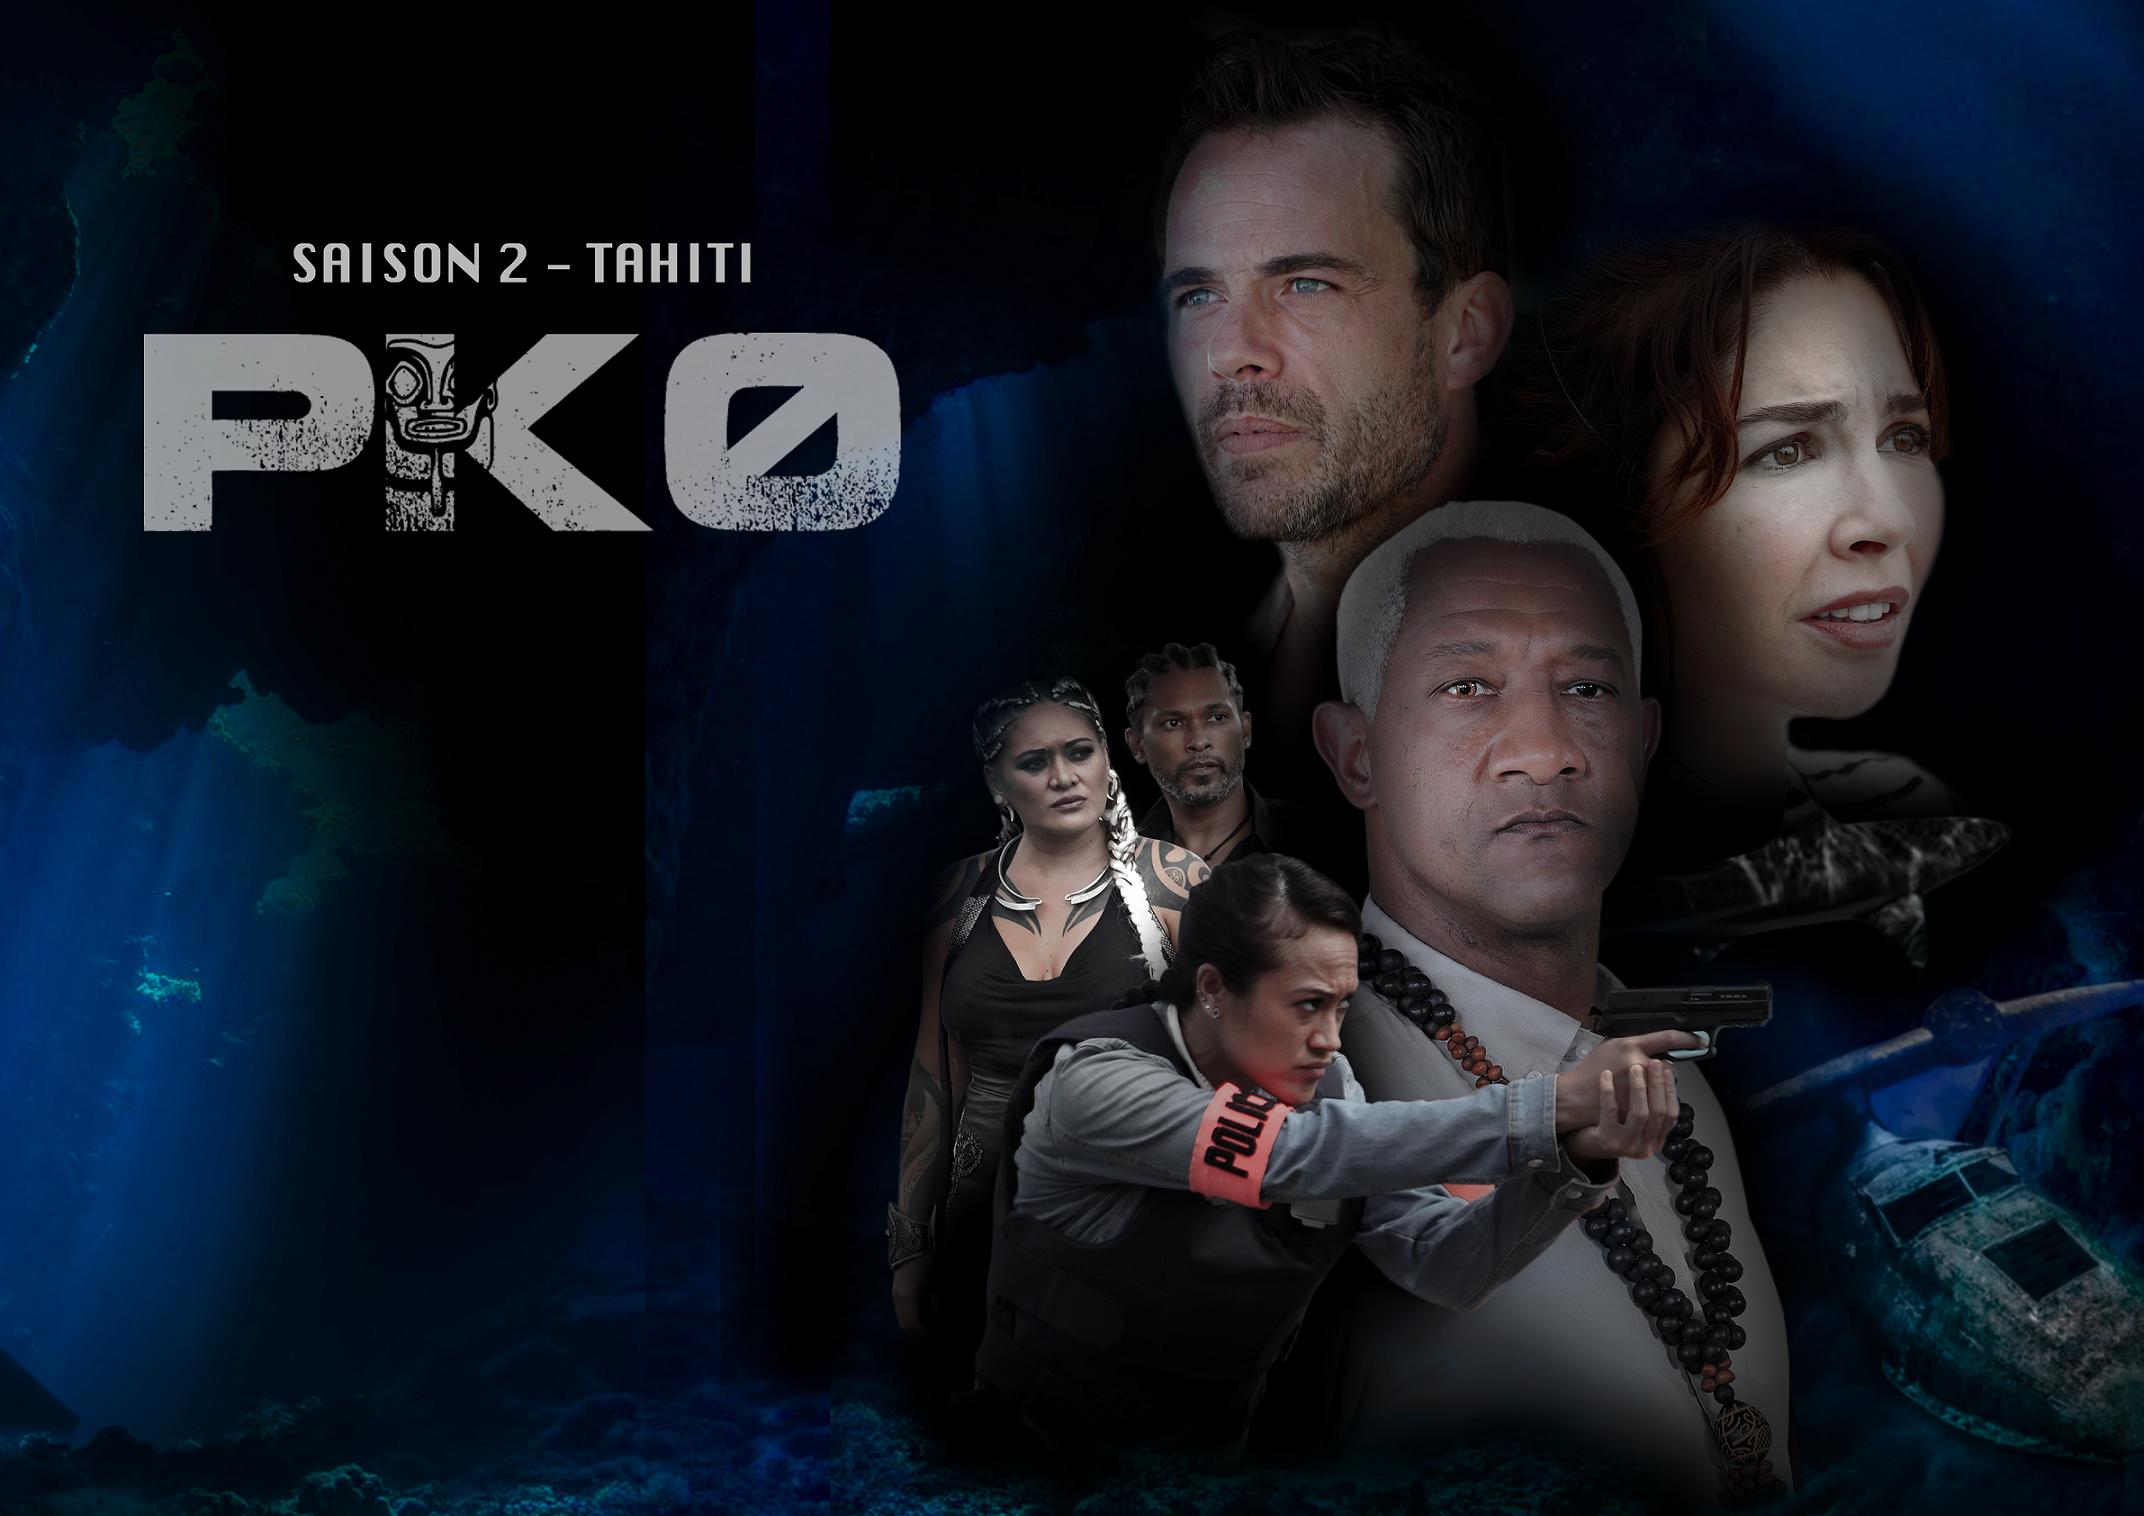 La saison 2 évènement de TAHITI PK 0 débarque dés le 16 mars sur Polynésie La 1ère